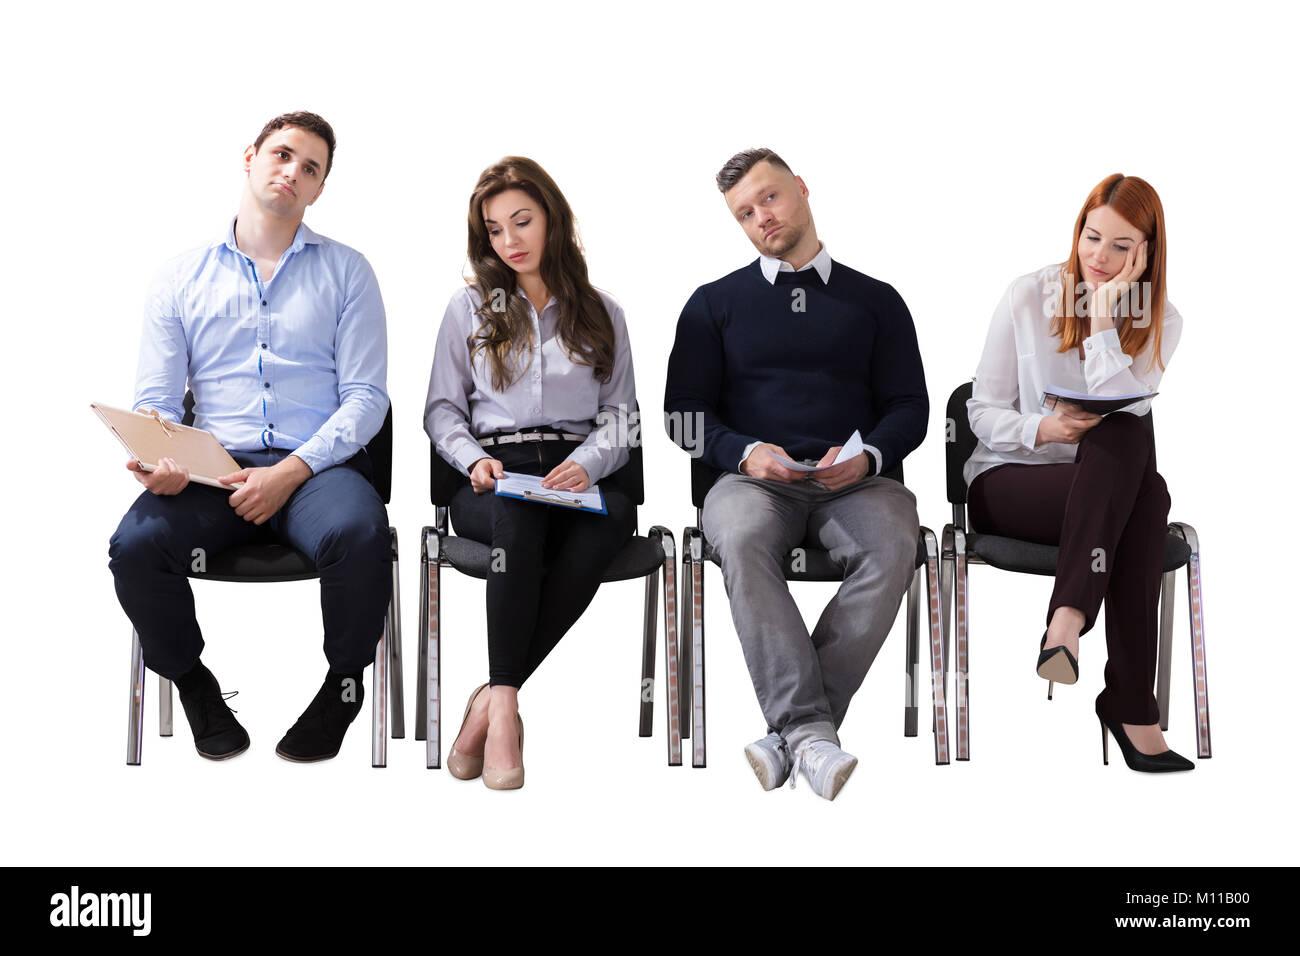 Foto Persone Sedute.Annoiato Business Persone Sedute In Fila Di Attesa Per Il